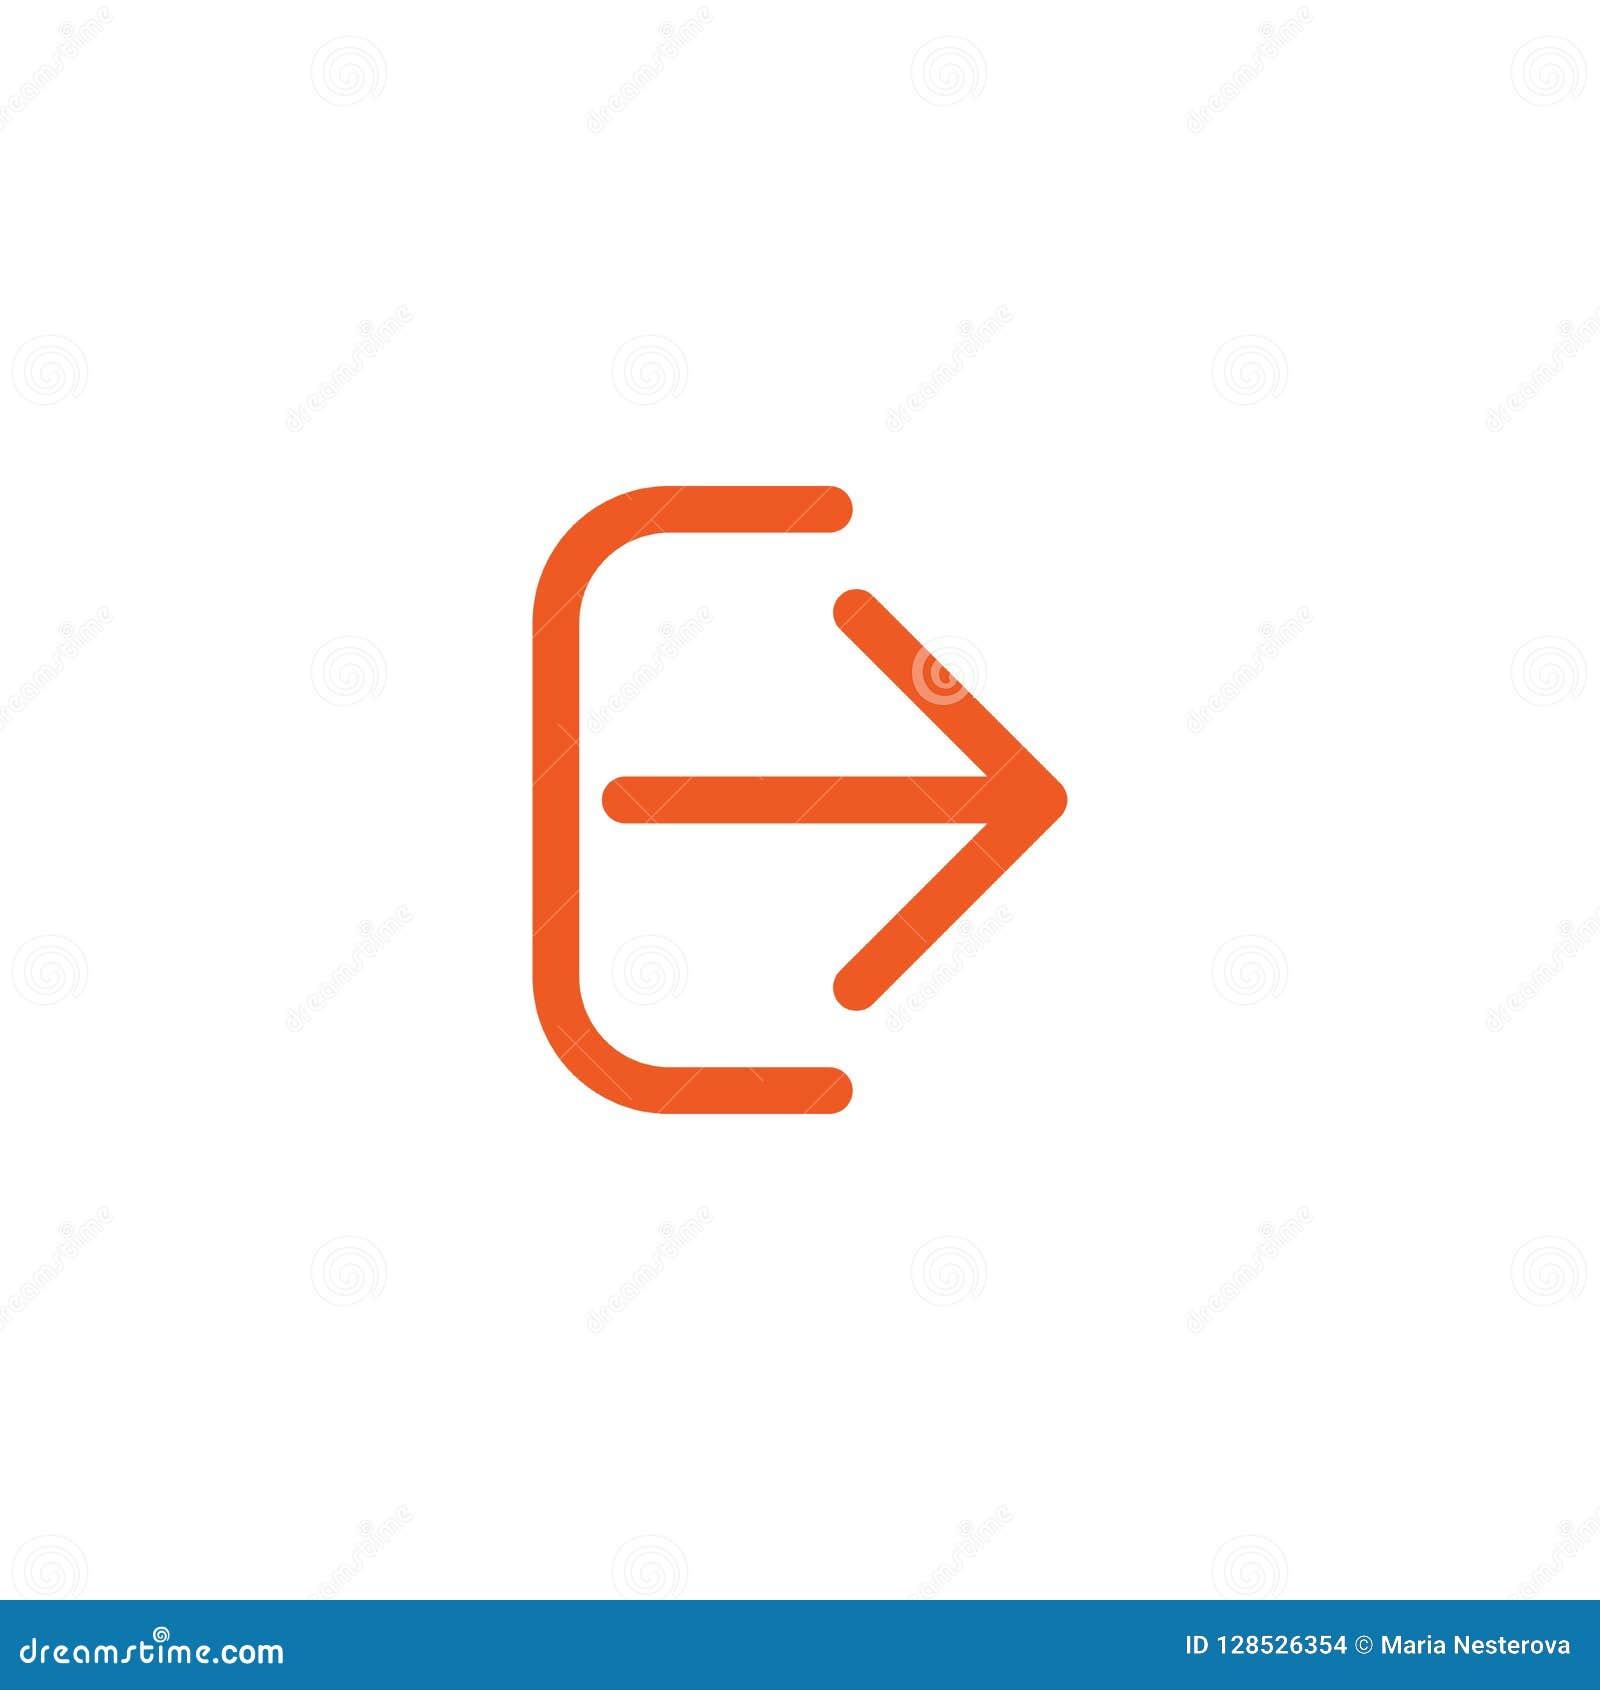 Salida o salida del sistema, icono del cierre de sesión Aislado en blanco flecha redondeada derecha fina roja con el soporte